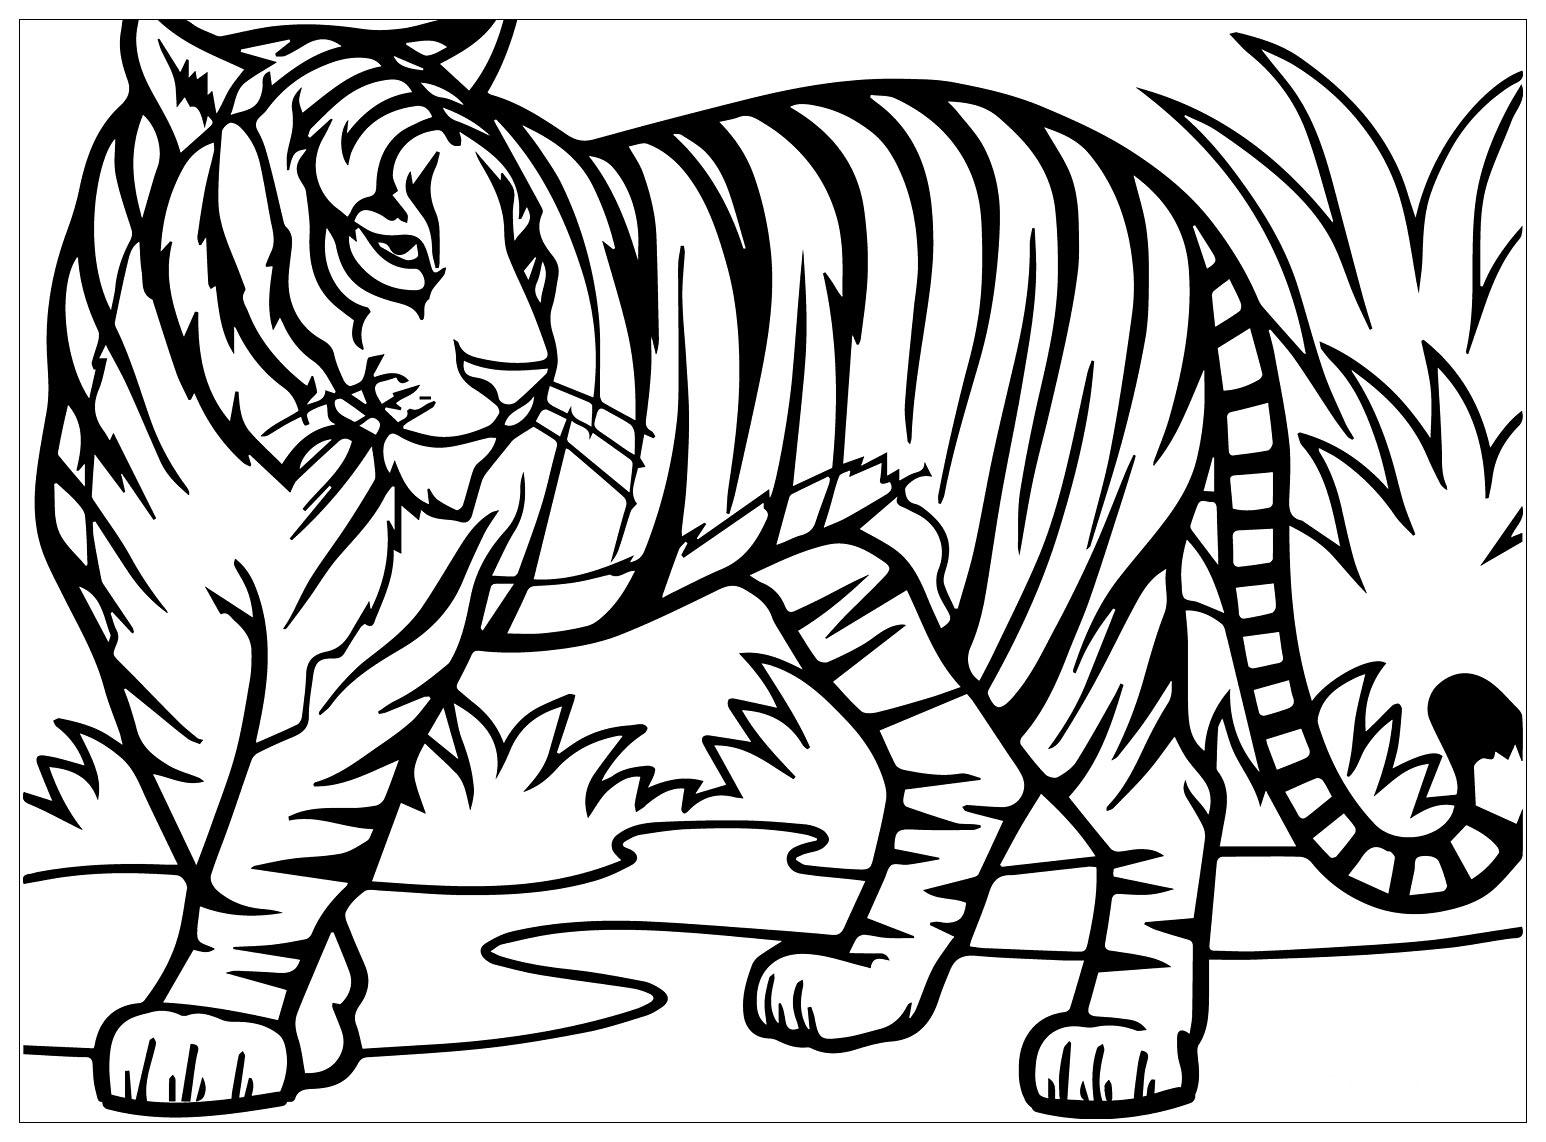 Tranh tô màu con hổ trên bãi cỏ